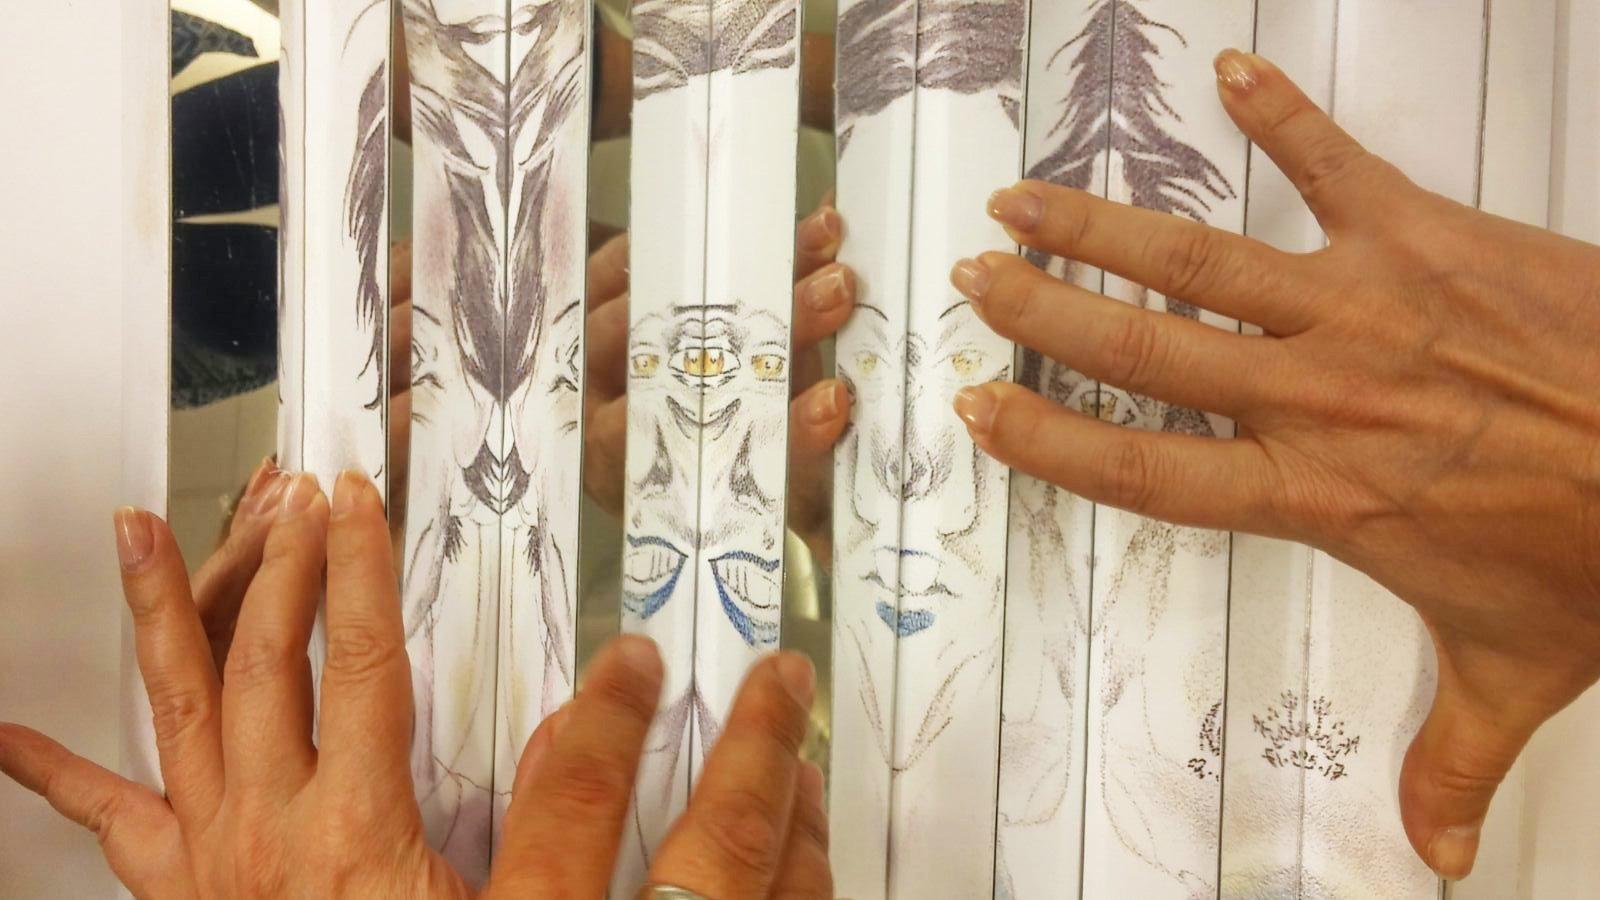 الكليّة الأكاديميّة بيت بيرل تفتتح معرضًا فنيًّا يعكس تجارب وتحدّيات المعلمين الجدد